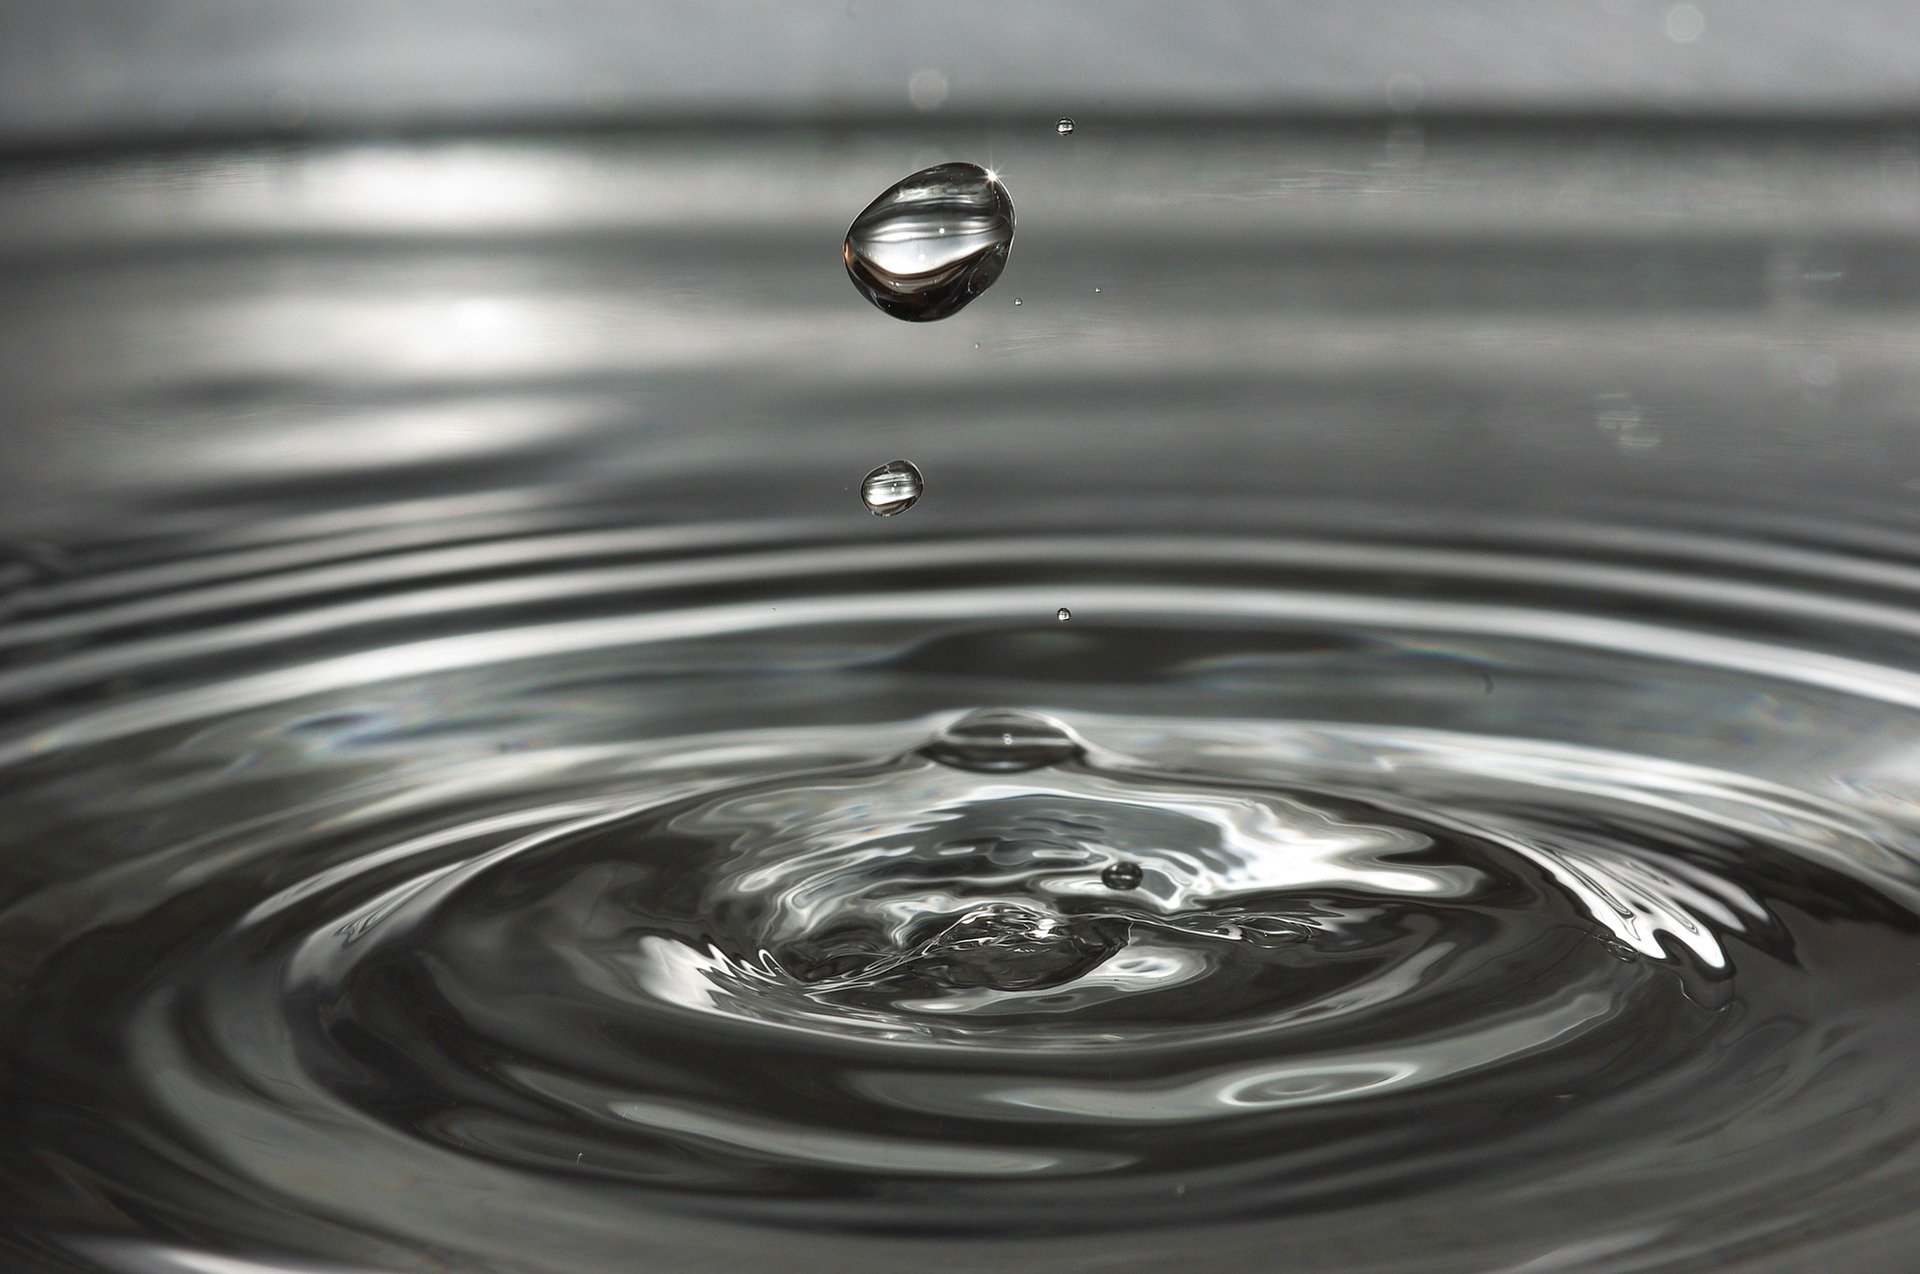 Pourquoi et comment filtrer l'eau?